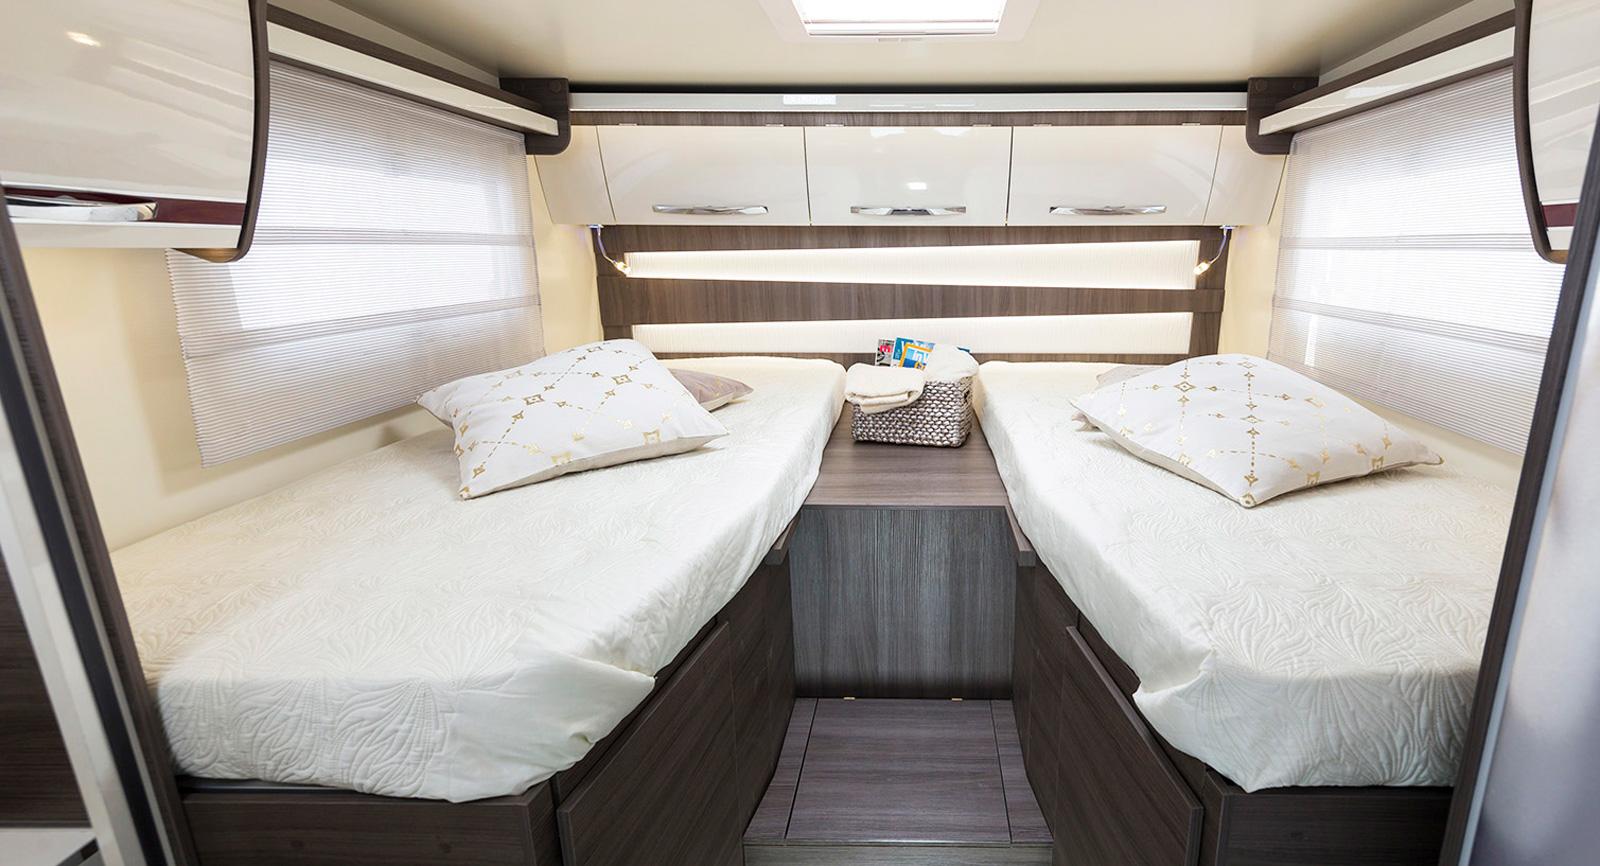 Längst bak finns sängarna med stort garage under.